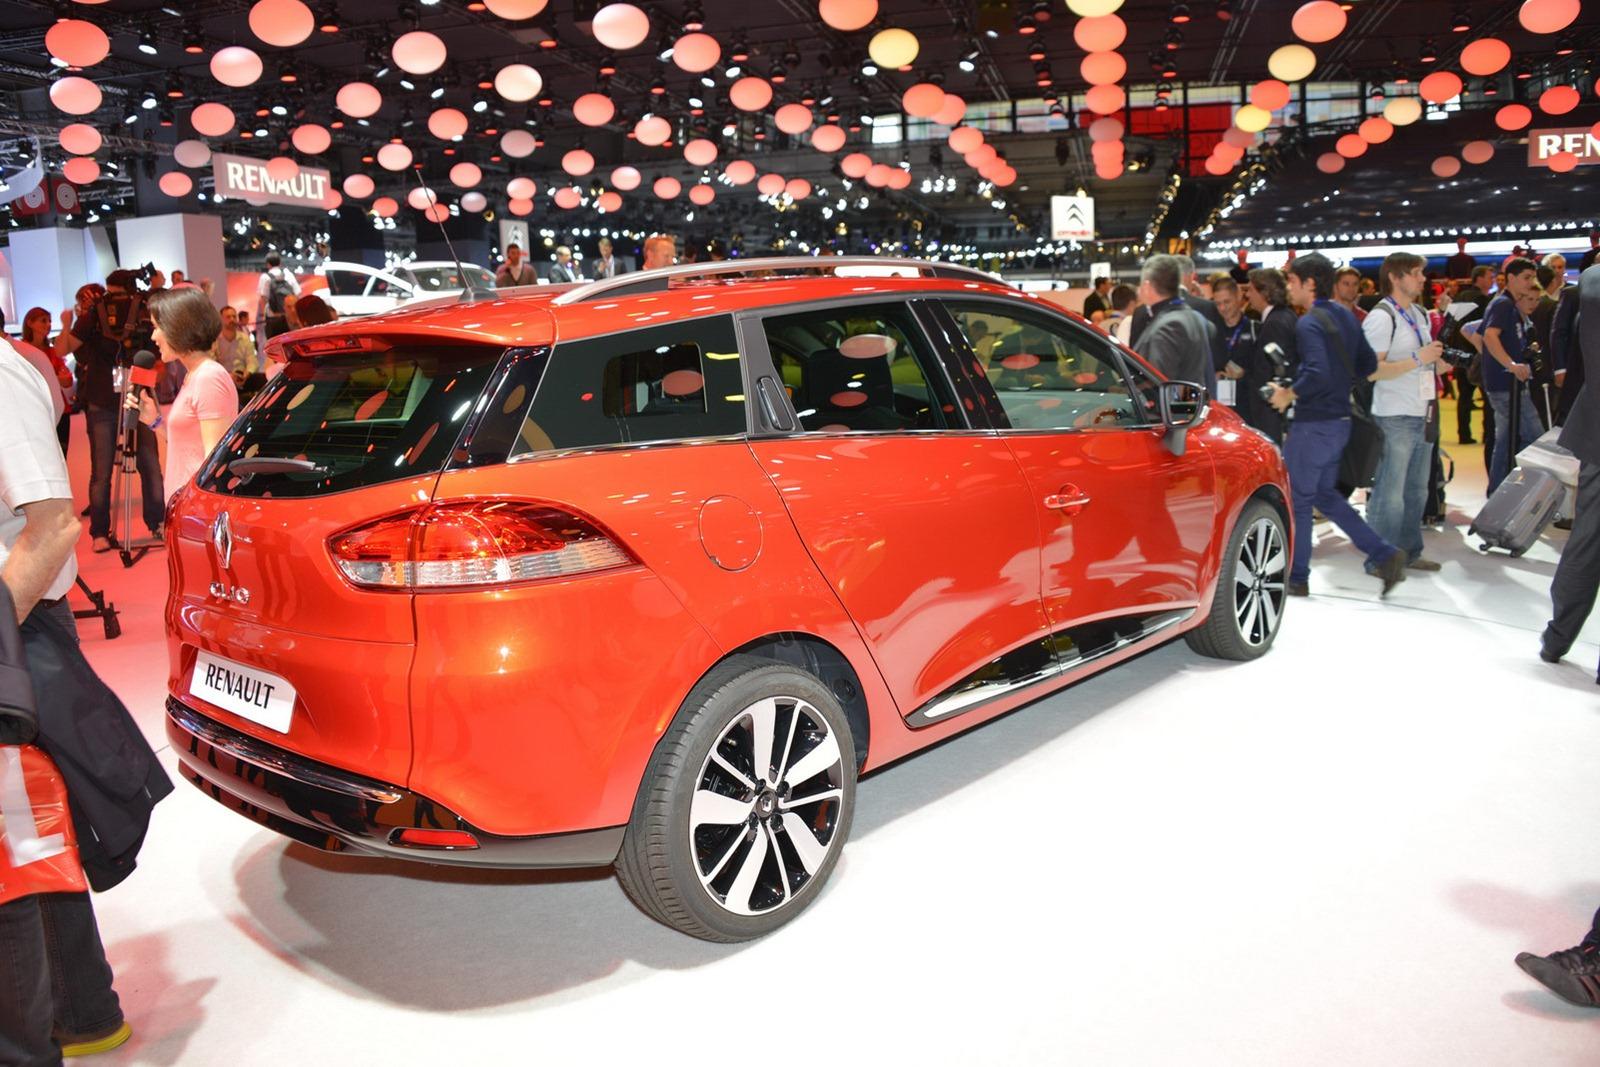 2013 Renault Clio Estate Rear Design